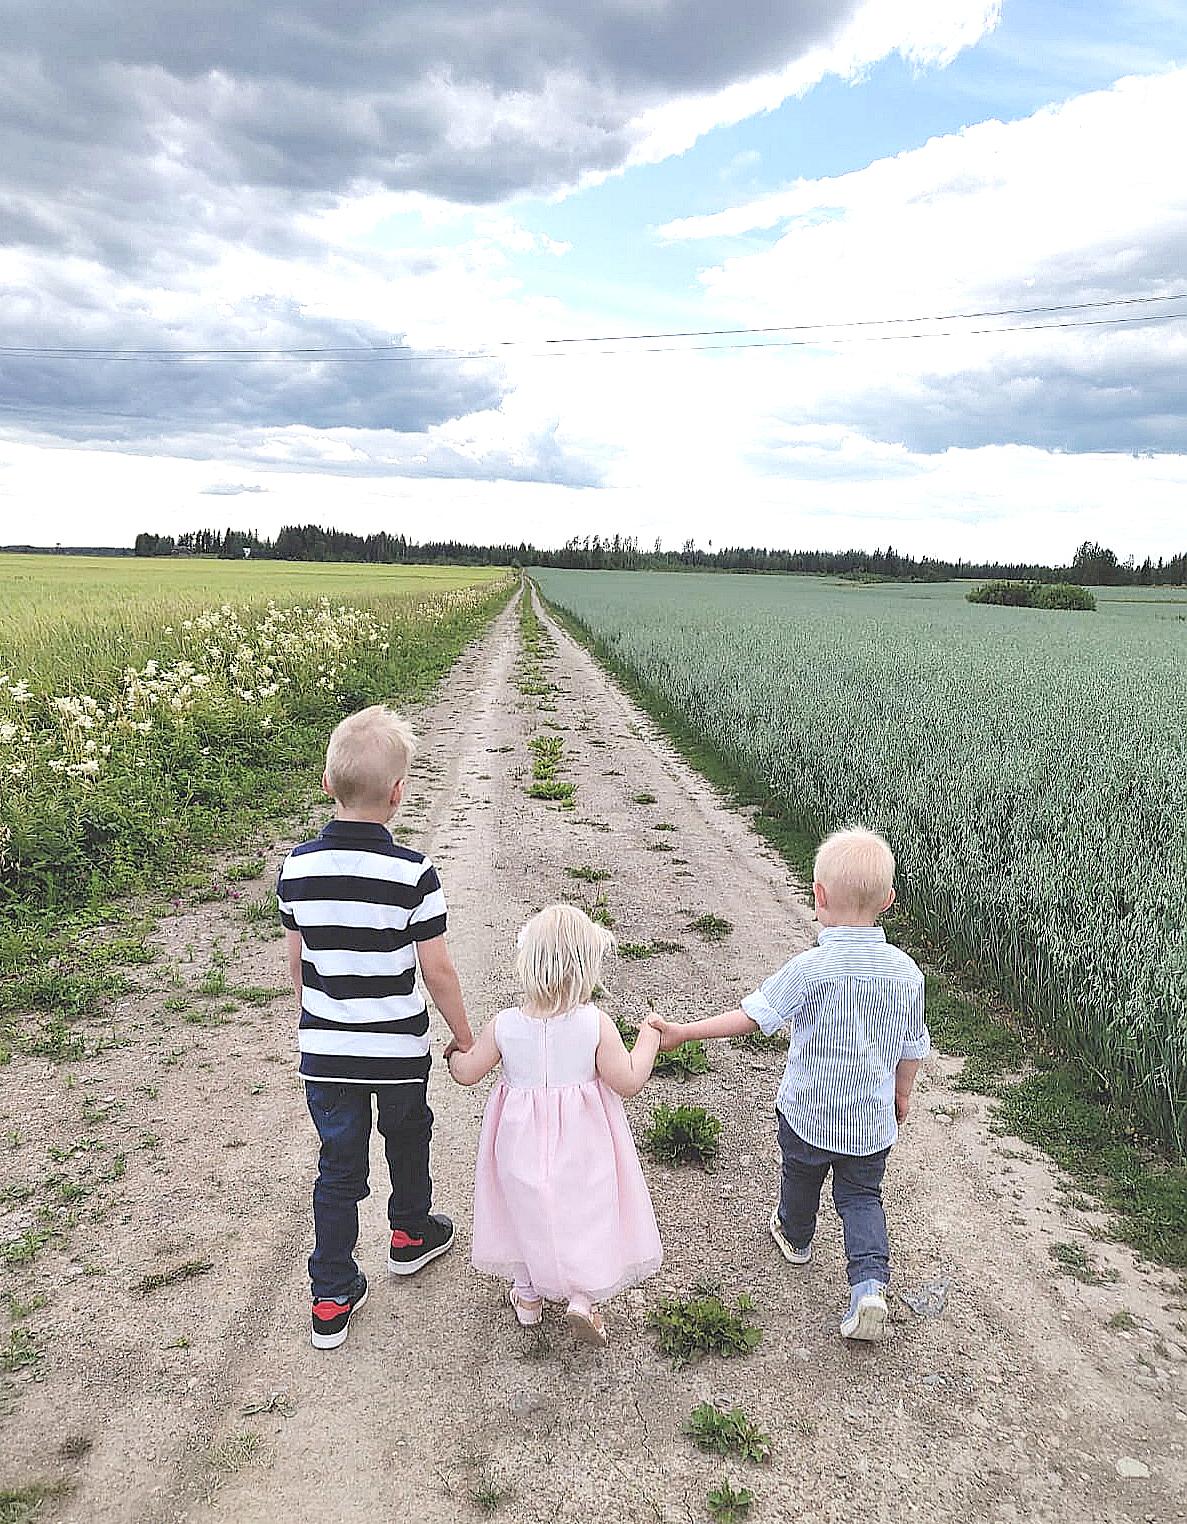 Milo ja Vili sekä keskellä Sara-serkku kävelyllä peltomaisemissa. Kuva: Henna Laineenoja